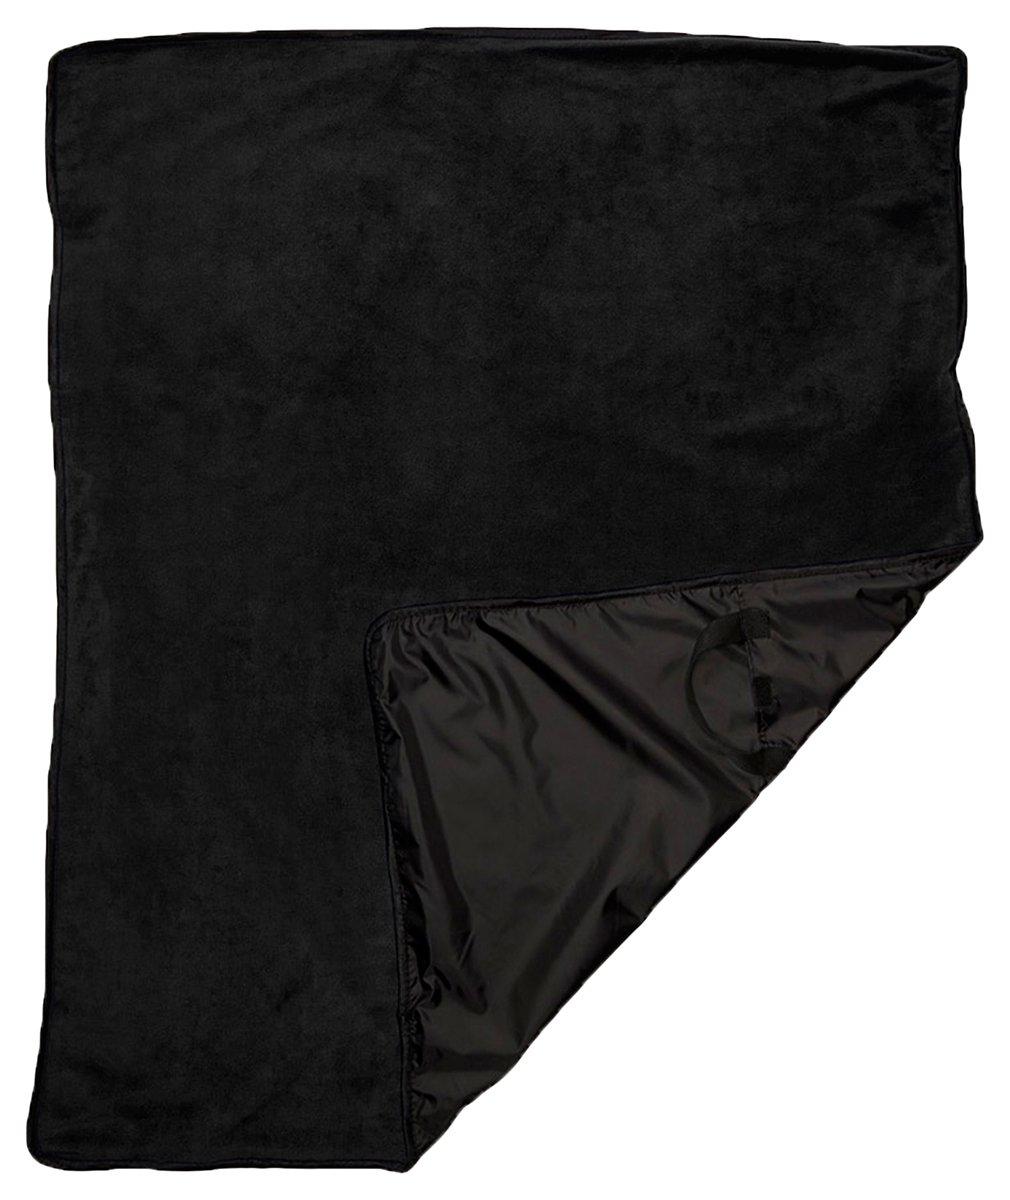 ウルトラクラブ撥水持ち運び簡単フルサイズピクニックブランケット B00V2NRFQQ ブラック One Size One Size|ブラック